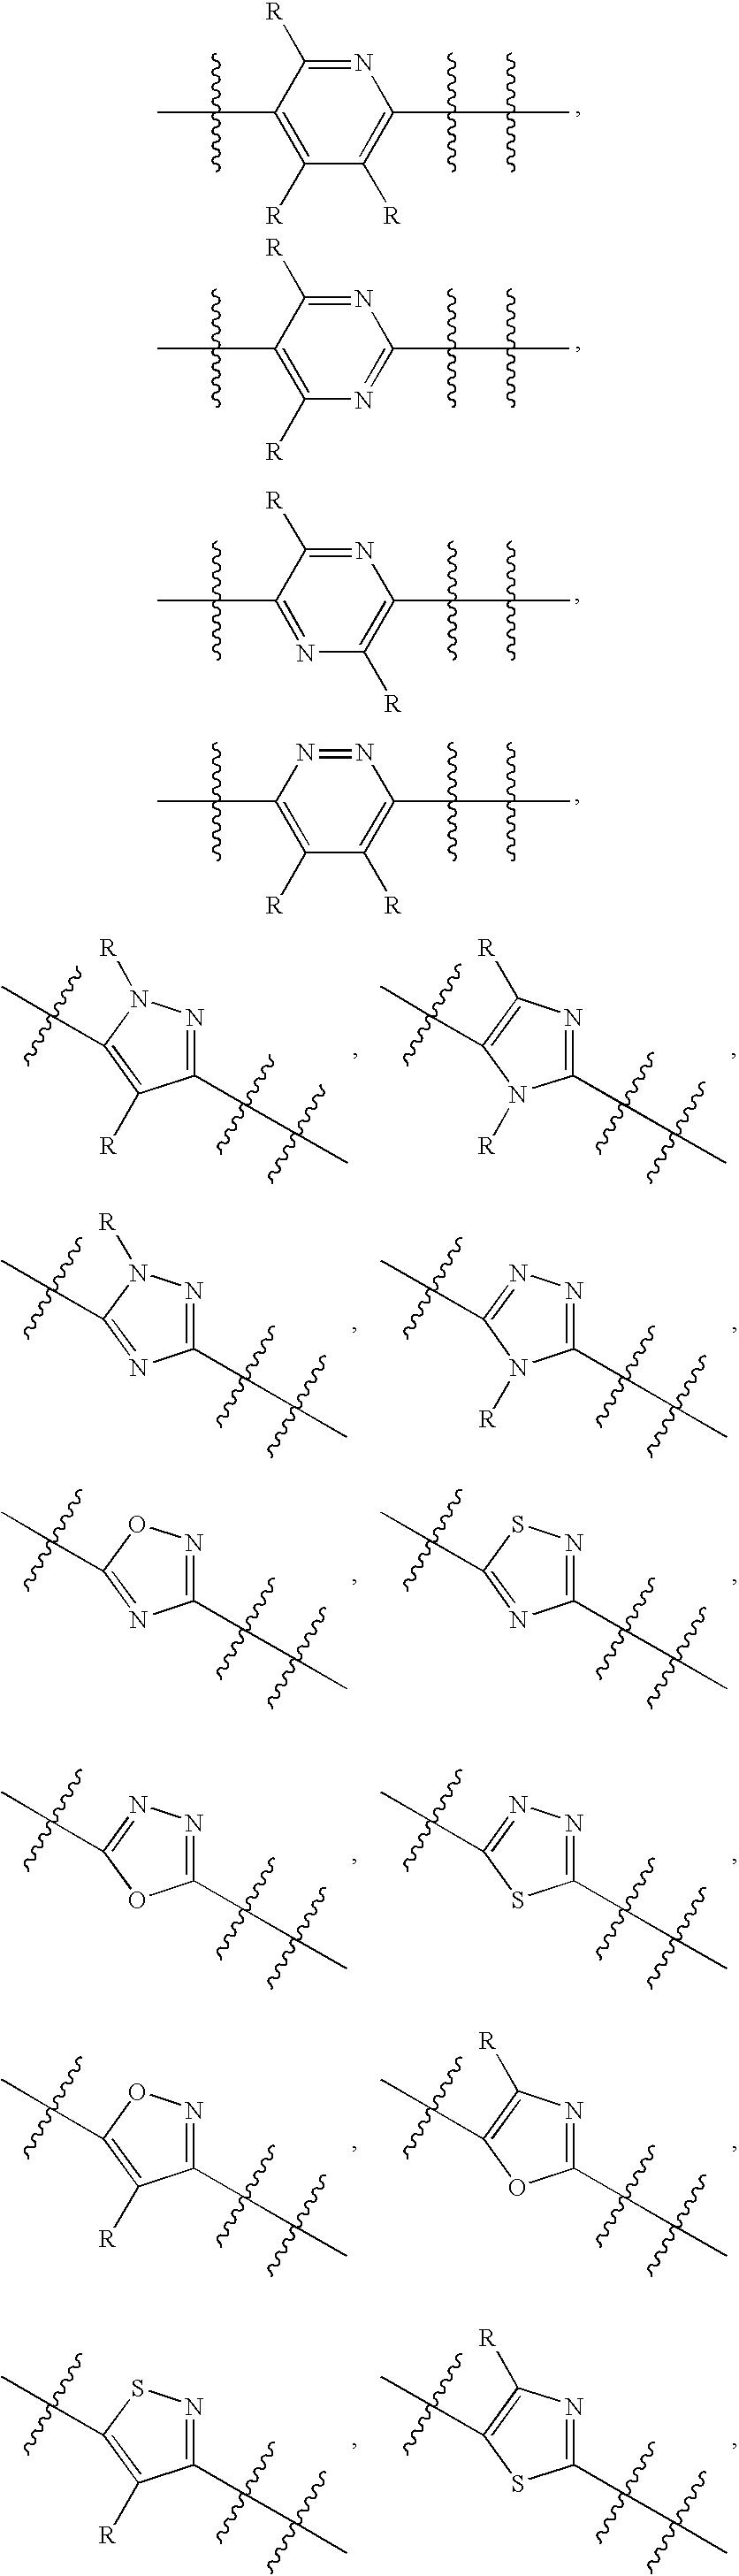 Figure US20070032519A1-20070208-C00009